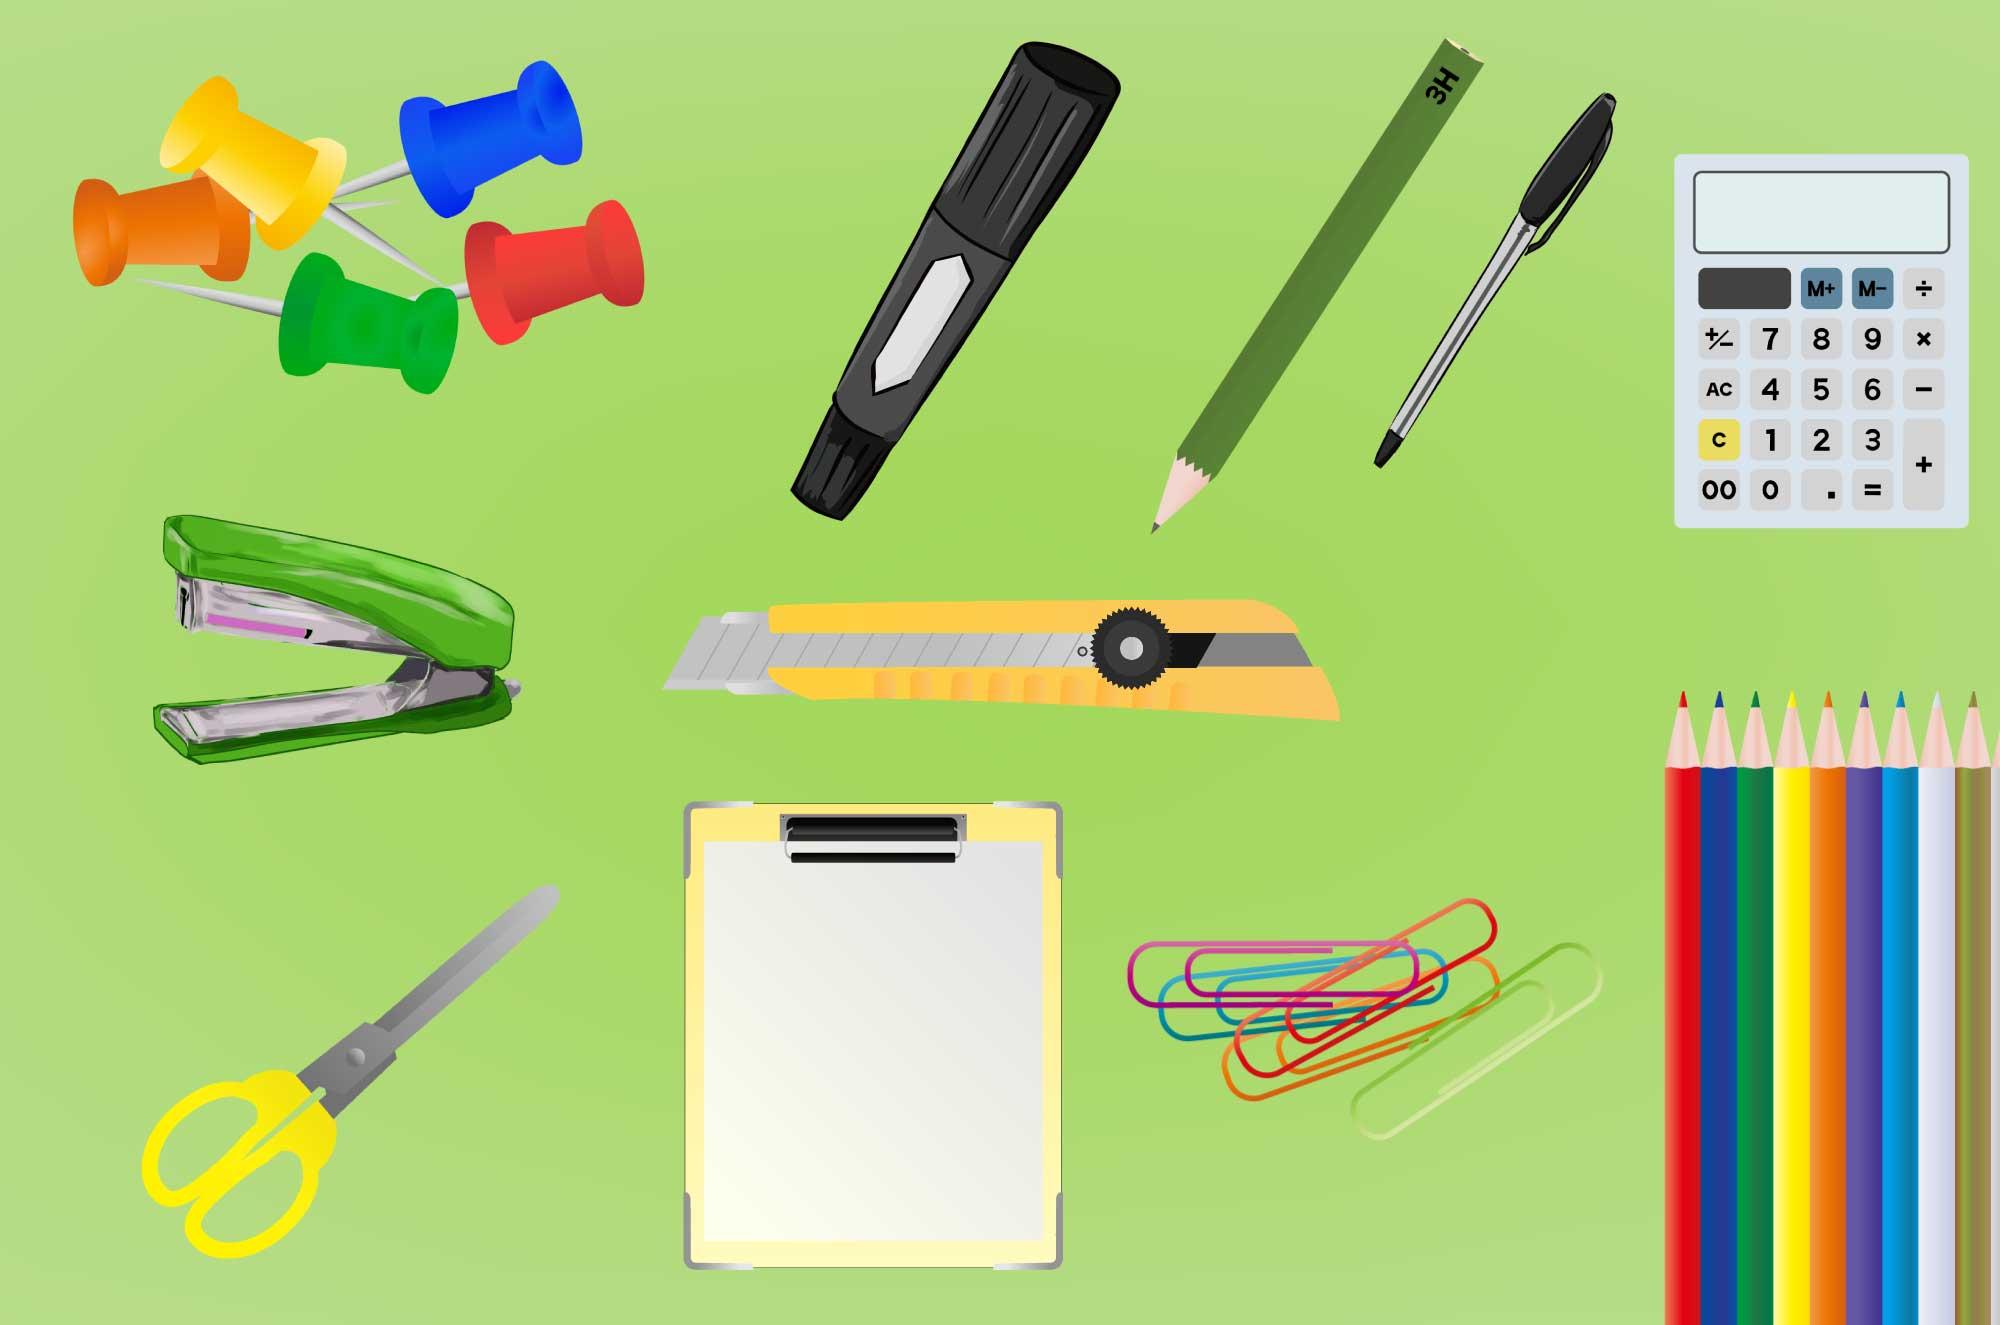 文房具の無料イラスト - 生活・仕事で使う道具の素材